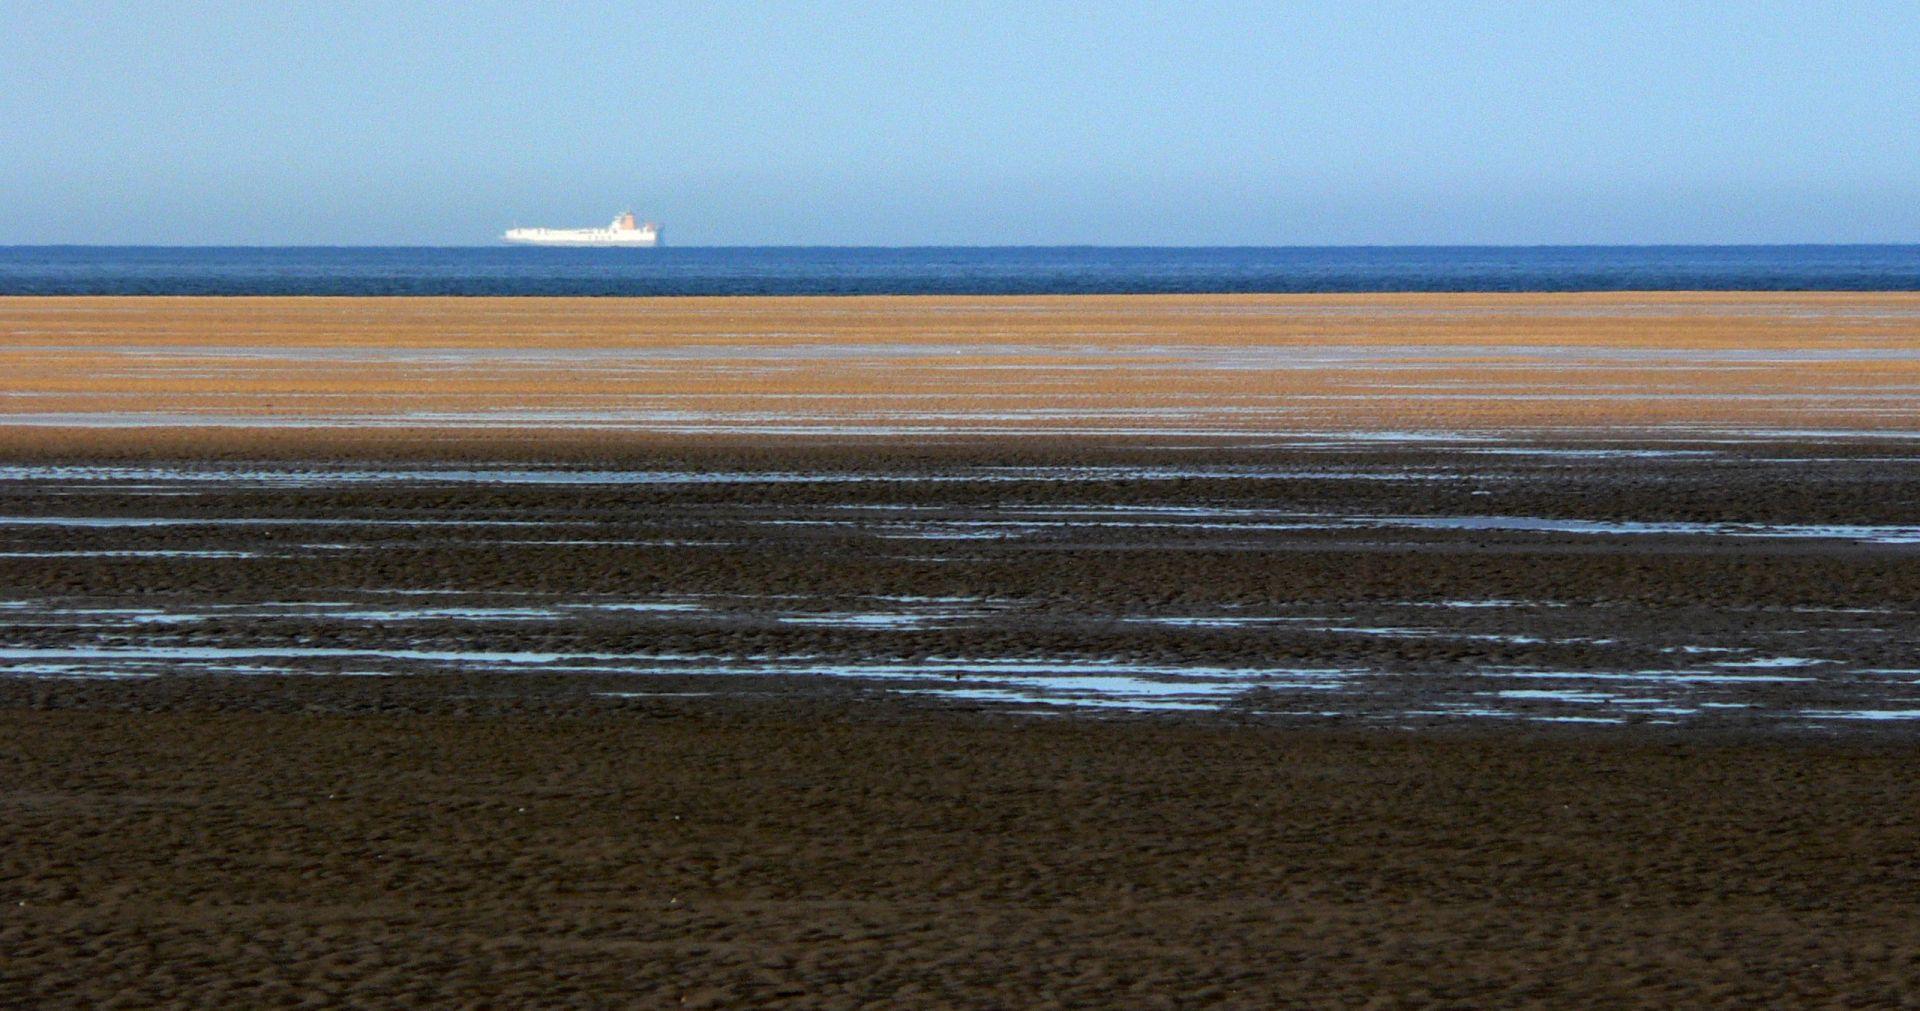 ENGLESKA: 360 kilograma kokaina 'nasukalo' se na plaže Norfolka